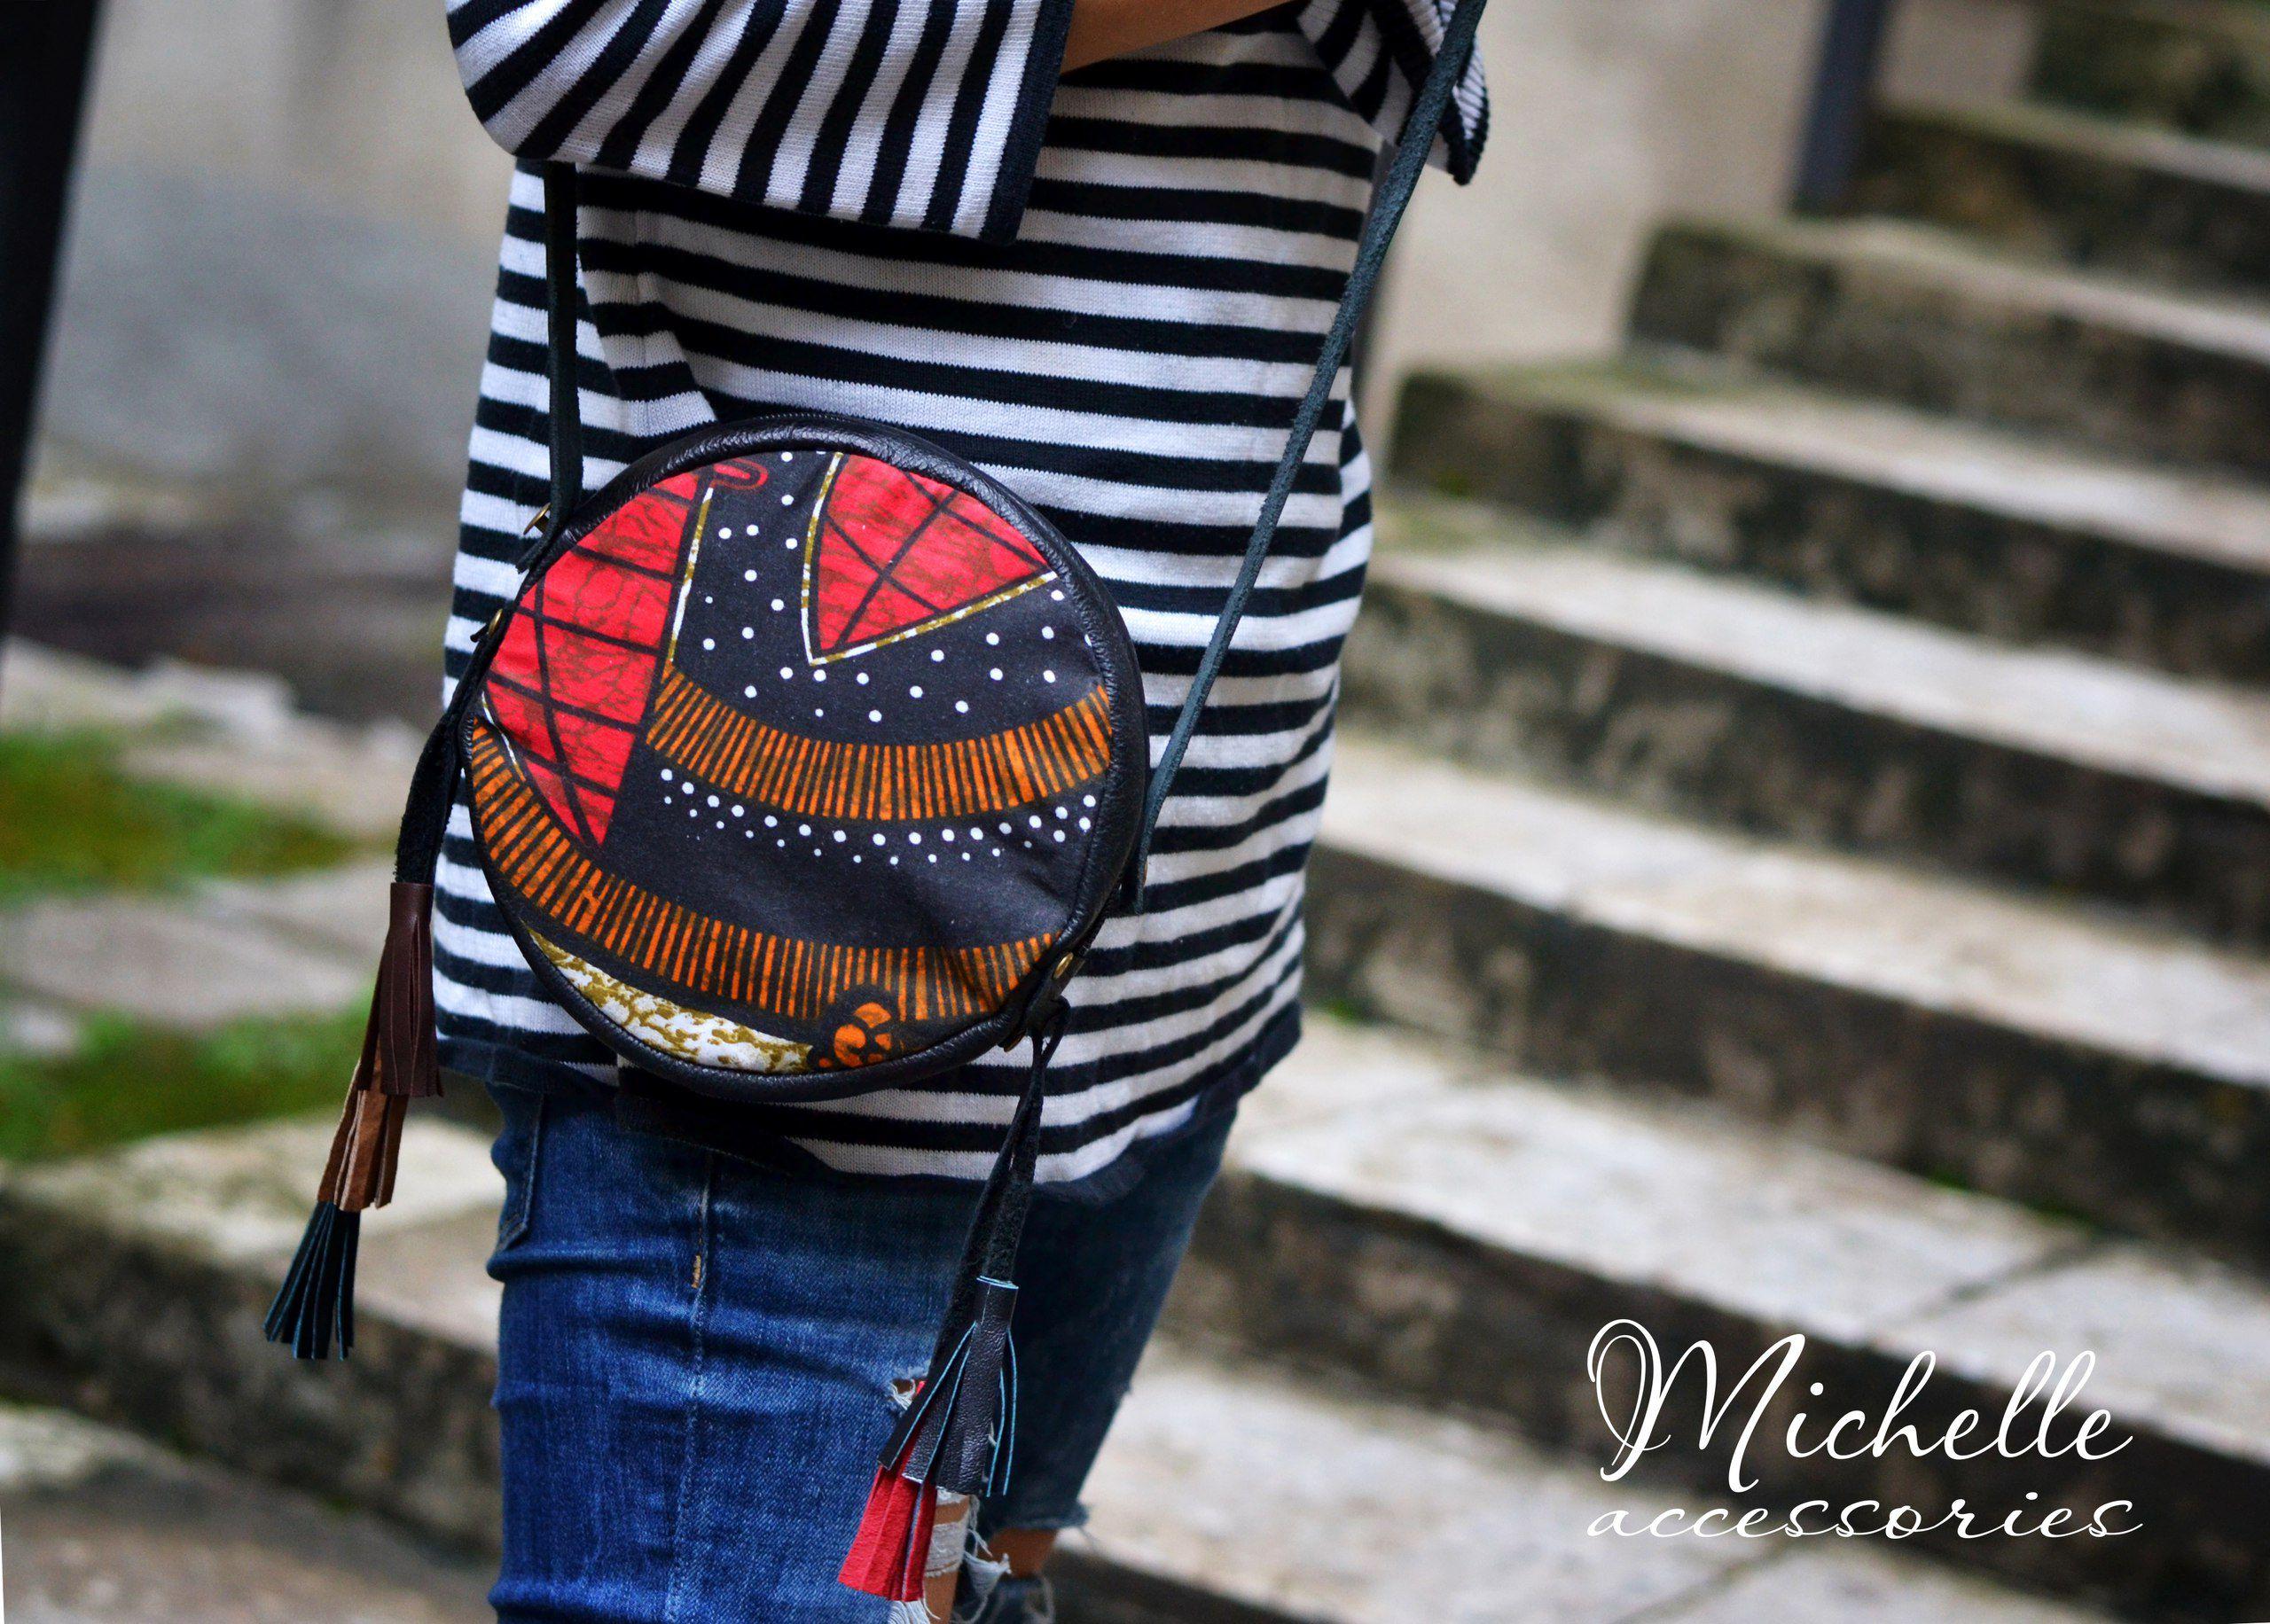 кожаная ручнаяроспись купитьподарок круглая купитьсумку кожанаясумка сумка ручная авторская купить женская роспись бохо кожа подарок